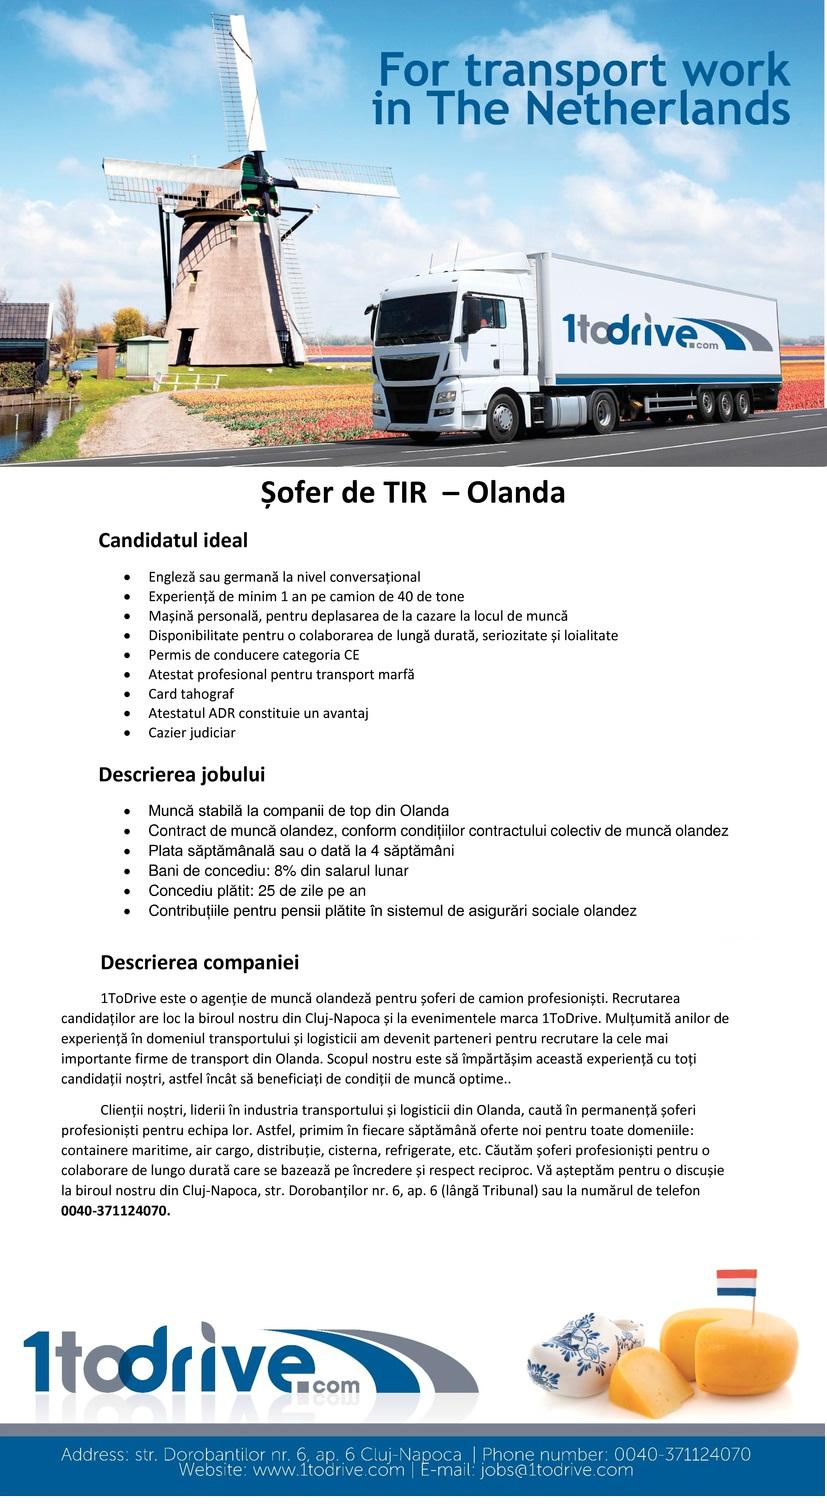 1ToDrive este o agenție de muncă olandeză pentru șoferi de camion profesioniști. Clienții noștri, liderii în industria transportului și logisticii din Olanda, caută în permanență șoferi profesioniști pentru echipa lor. Astfel primim în fiecare săptămână oferte noi pentru toate domeniile.  Recrutarea candidaților are loc la biroul nostru din Cluj-Napoca și la evenimentele marca 1todrive. Mulțumită anilor de experiență în domeniul transportului și logisticii am devenit parteneri pentru recrutare la cele mai importante firme de transport din Olanda. Scopul nostru este să împărtășim această experiență cu toți candidații noștri, astfel încât să beneficiați de condiții de muncă optime.  Căutăm șoferi profesioniști pentru o colaborare de lungă durată care se bazează pe încredere și respect reciproc. Așteptăm CV-ul dumneavoastră la jobs@1todrive.com !